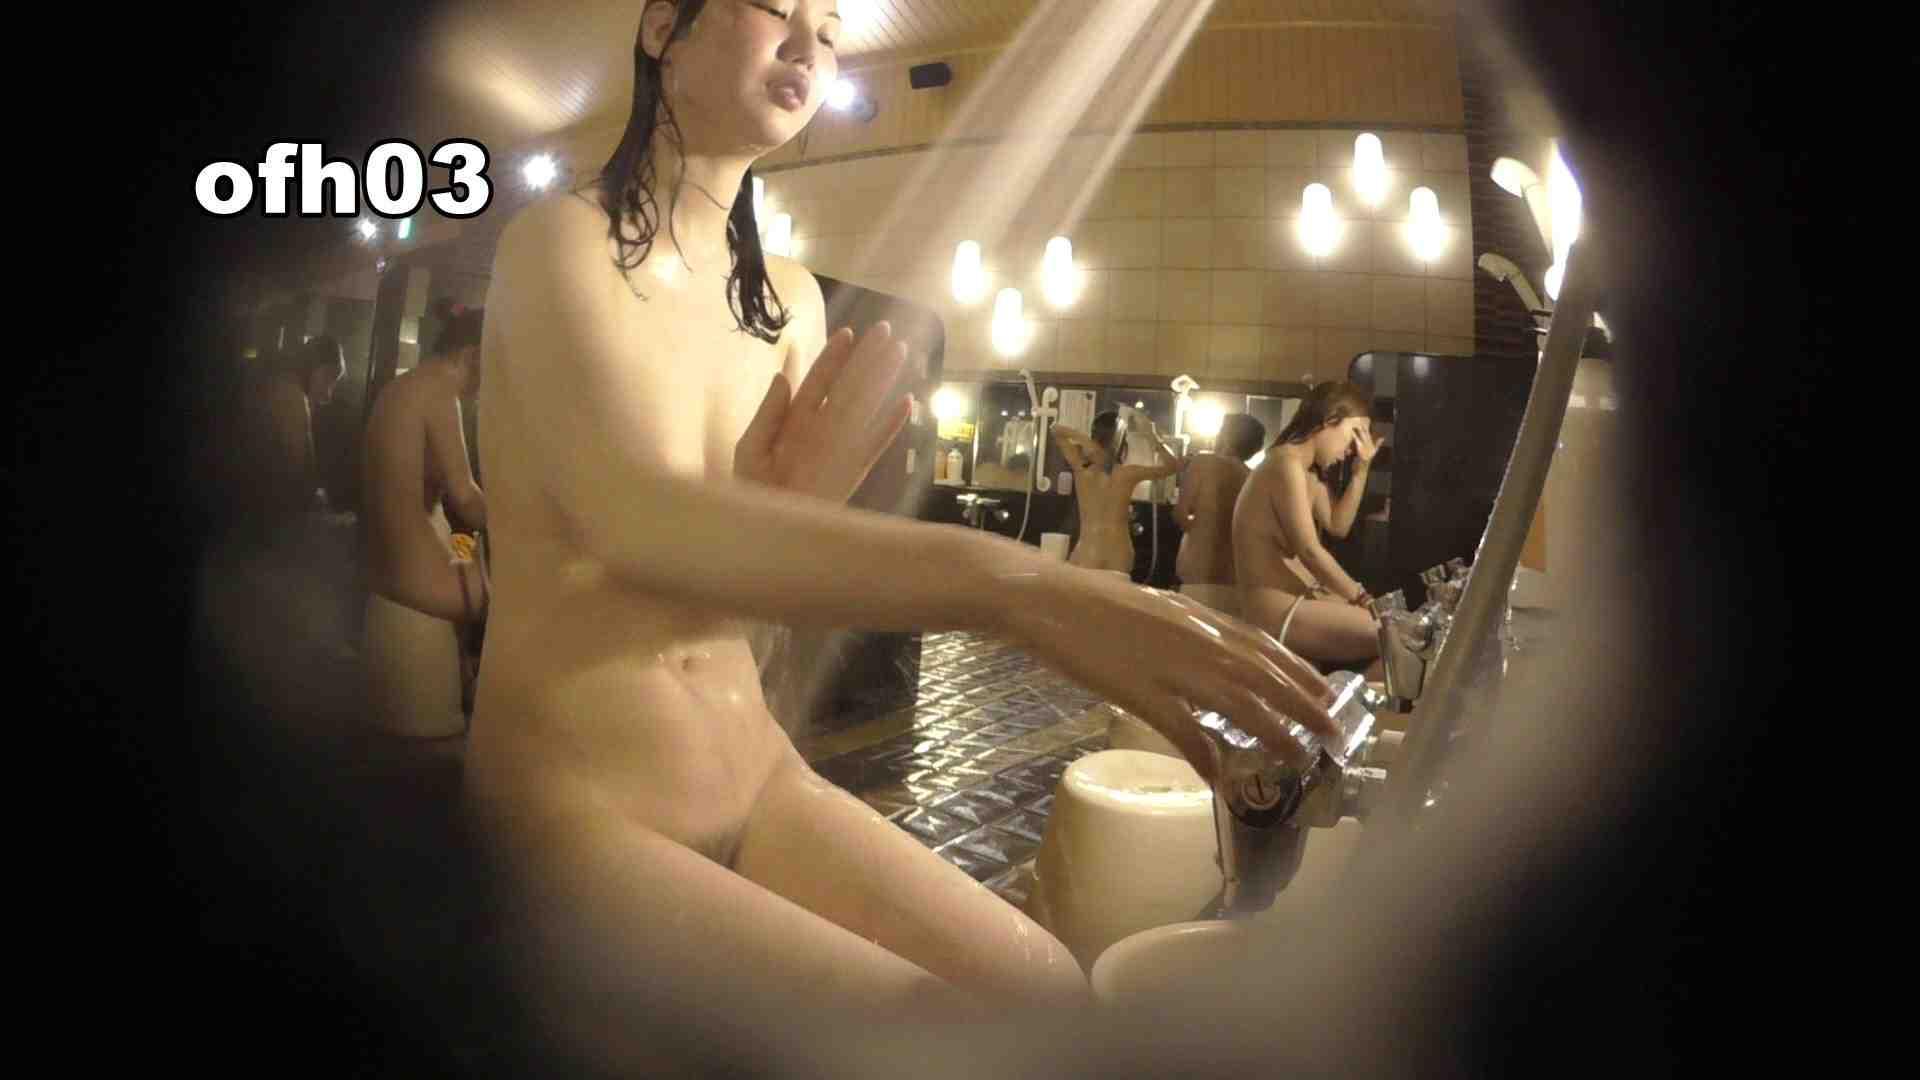 お風呂HEROの助手 vol.03 OLハメ撮り  65Pix 45